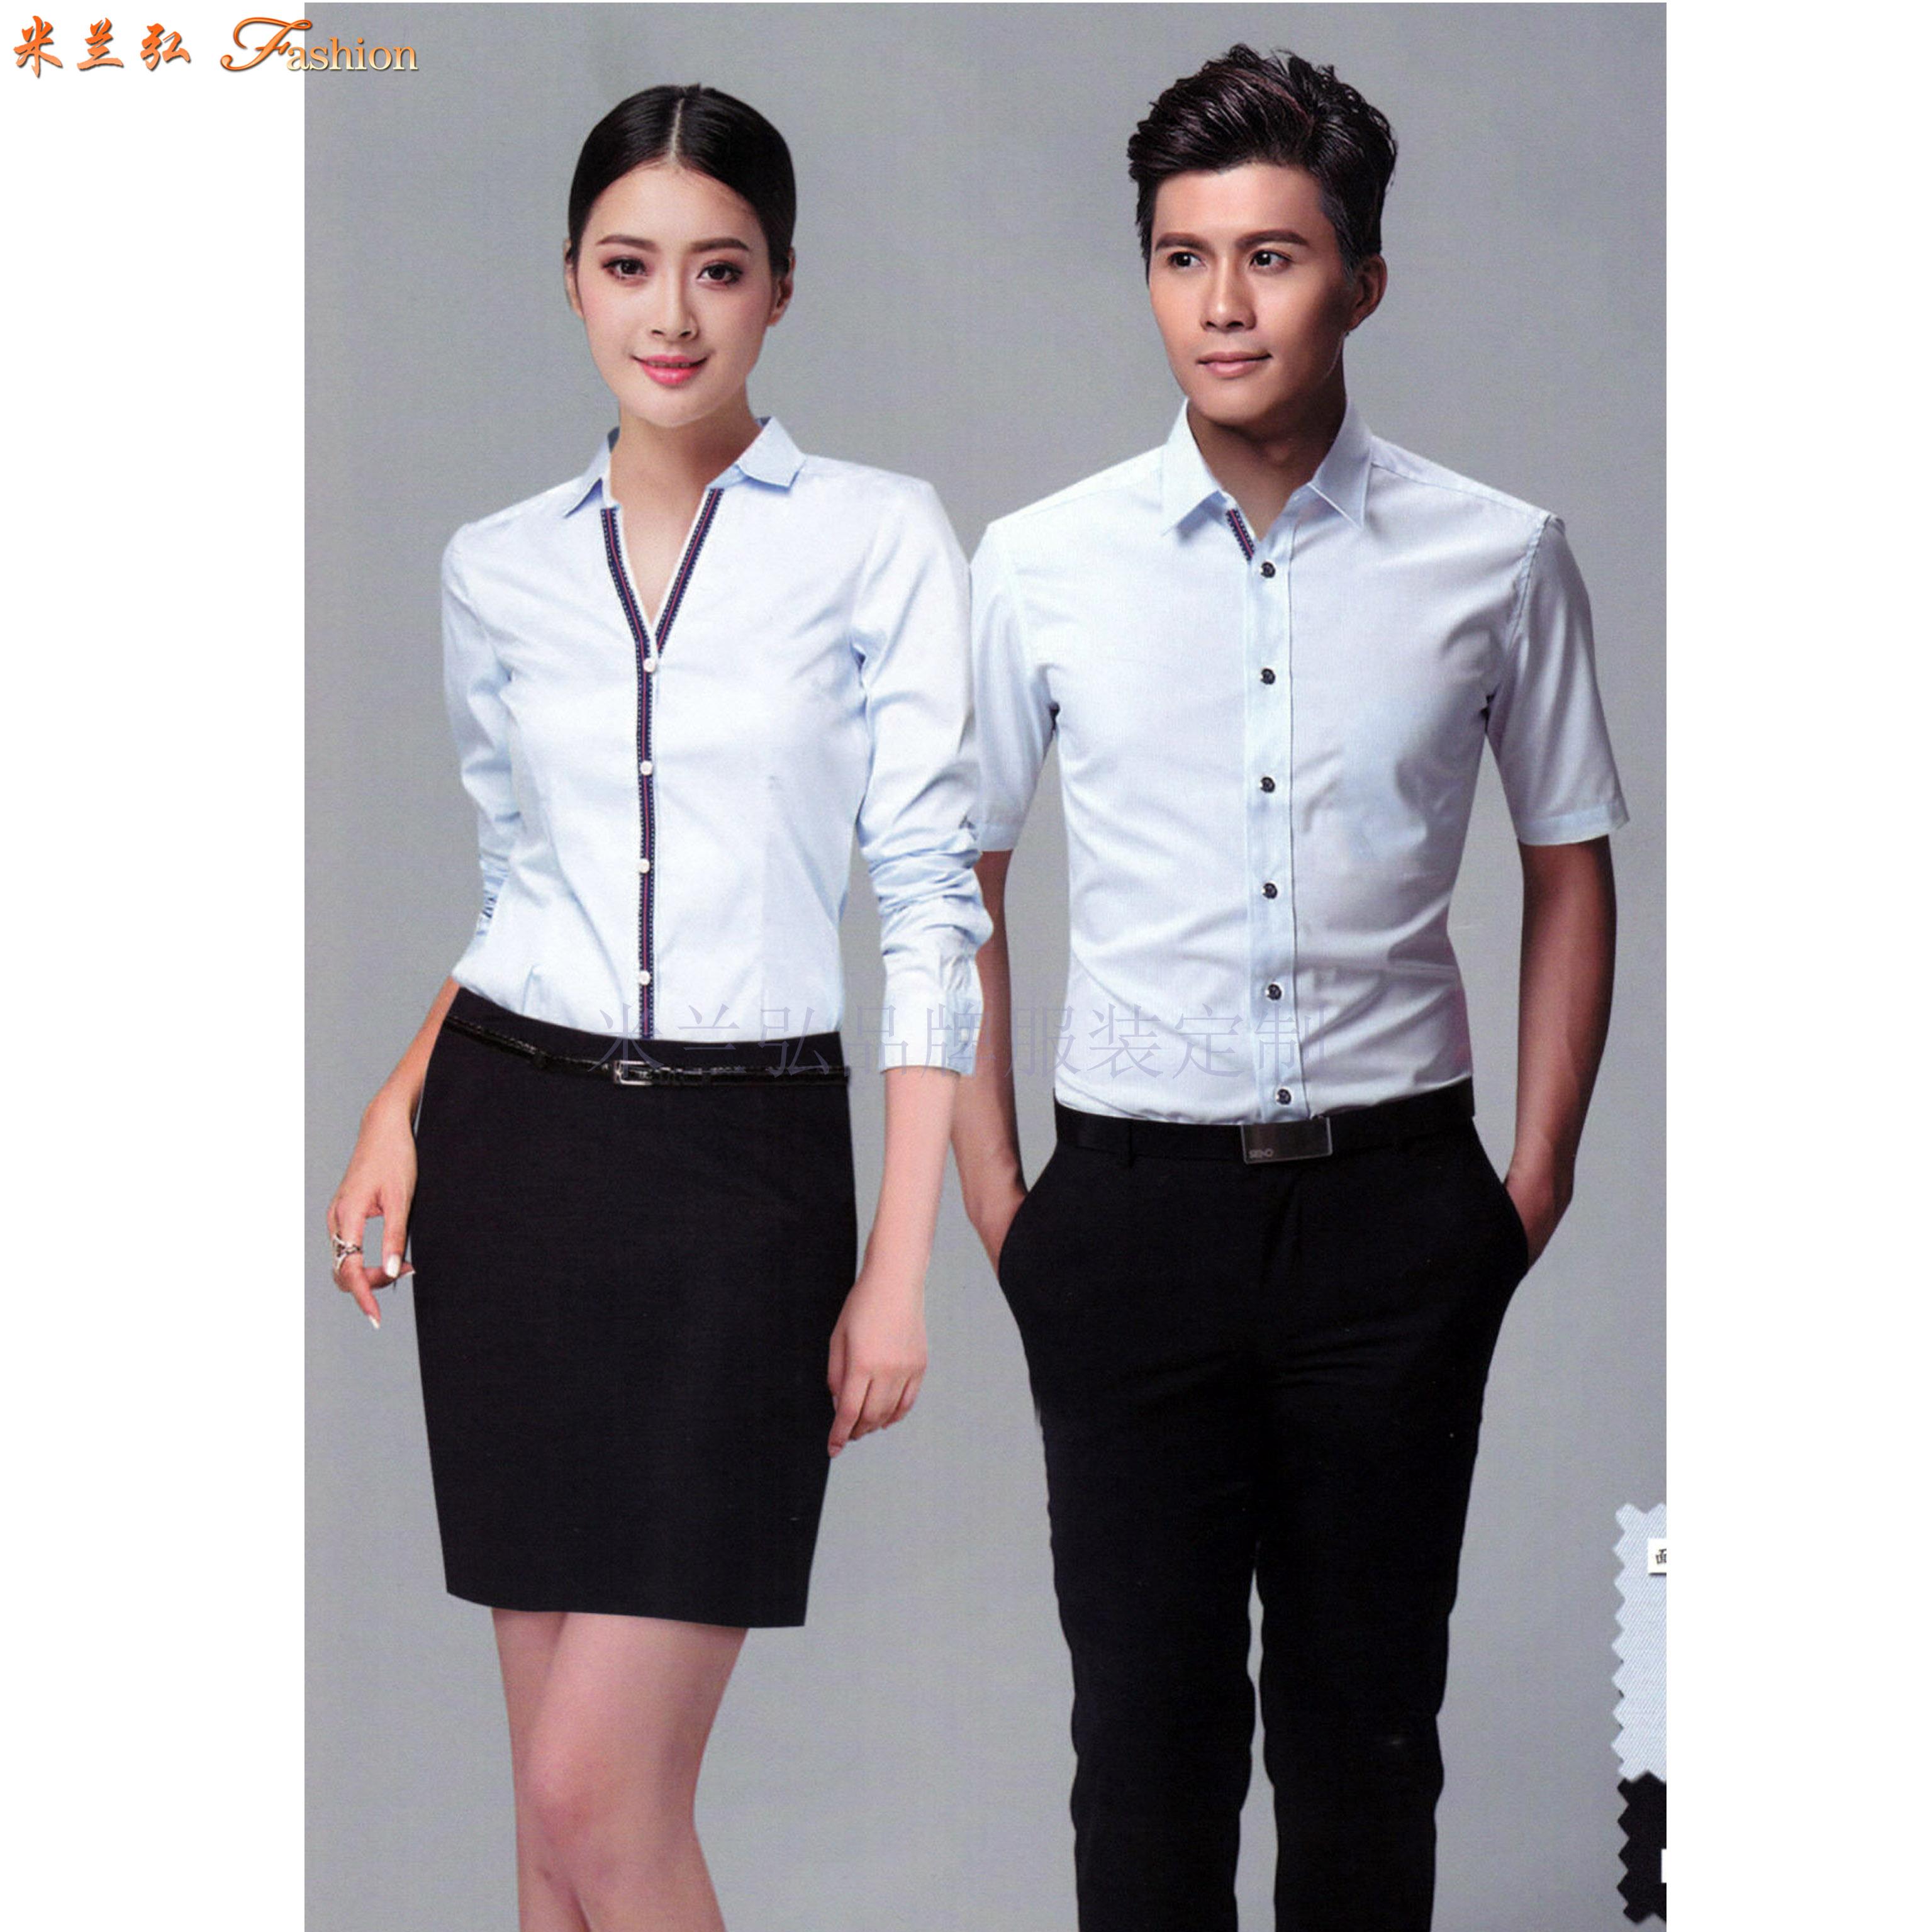 北京襯衫廠_定制白襯衫北京-米蘭弘服裝-1